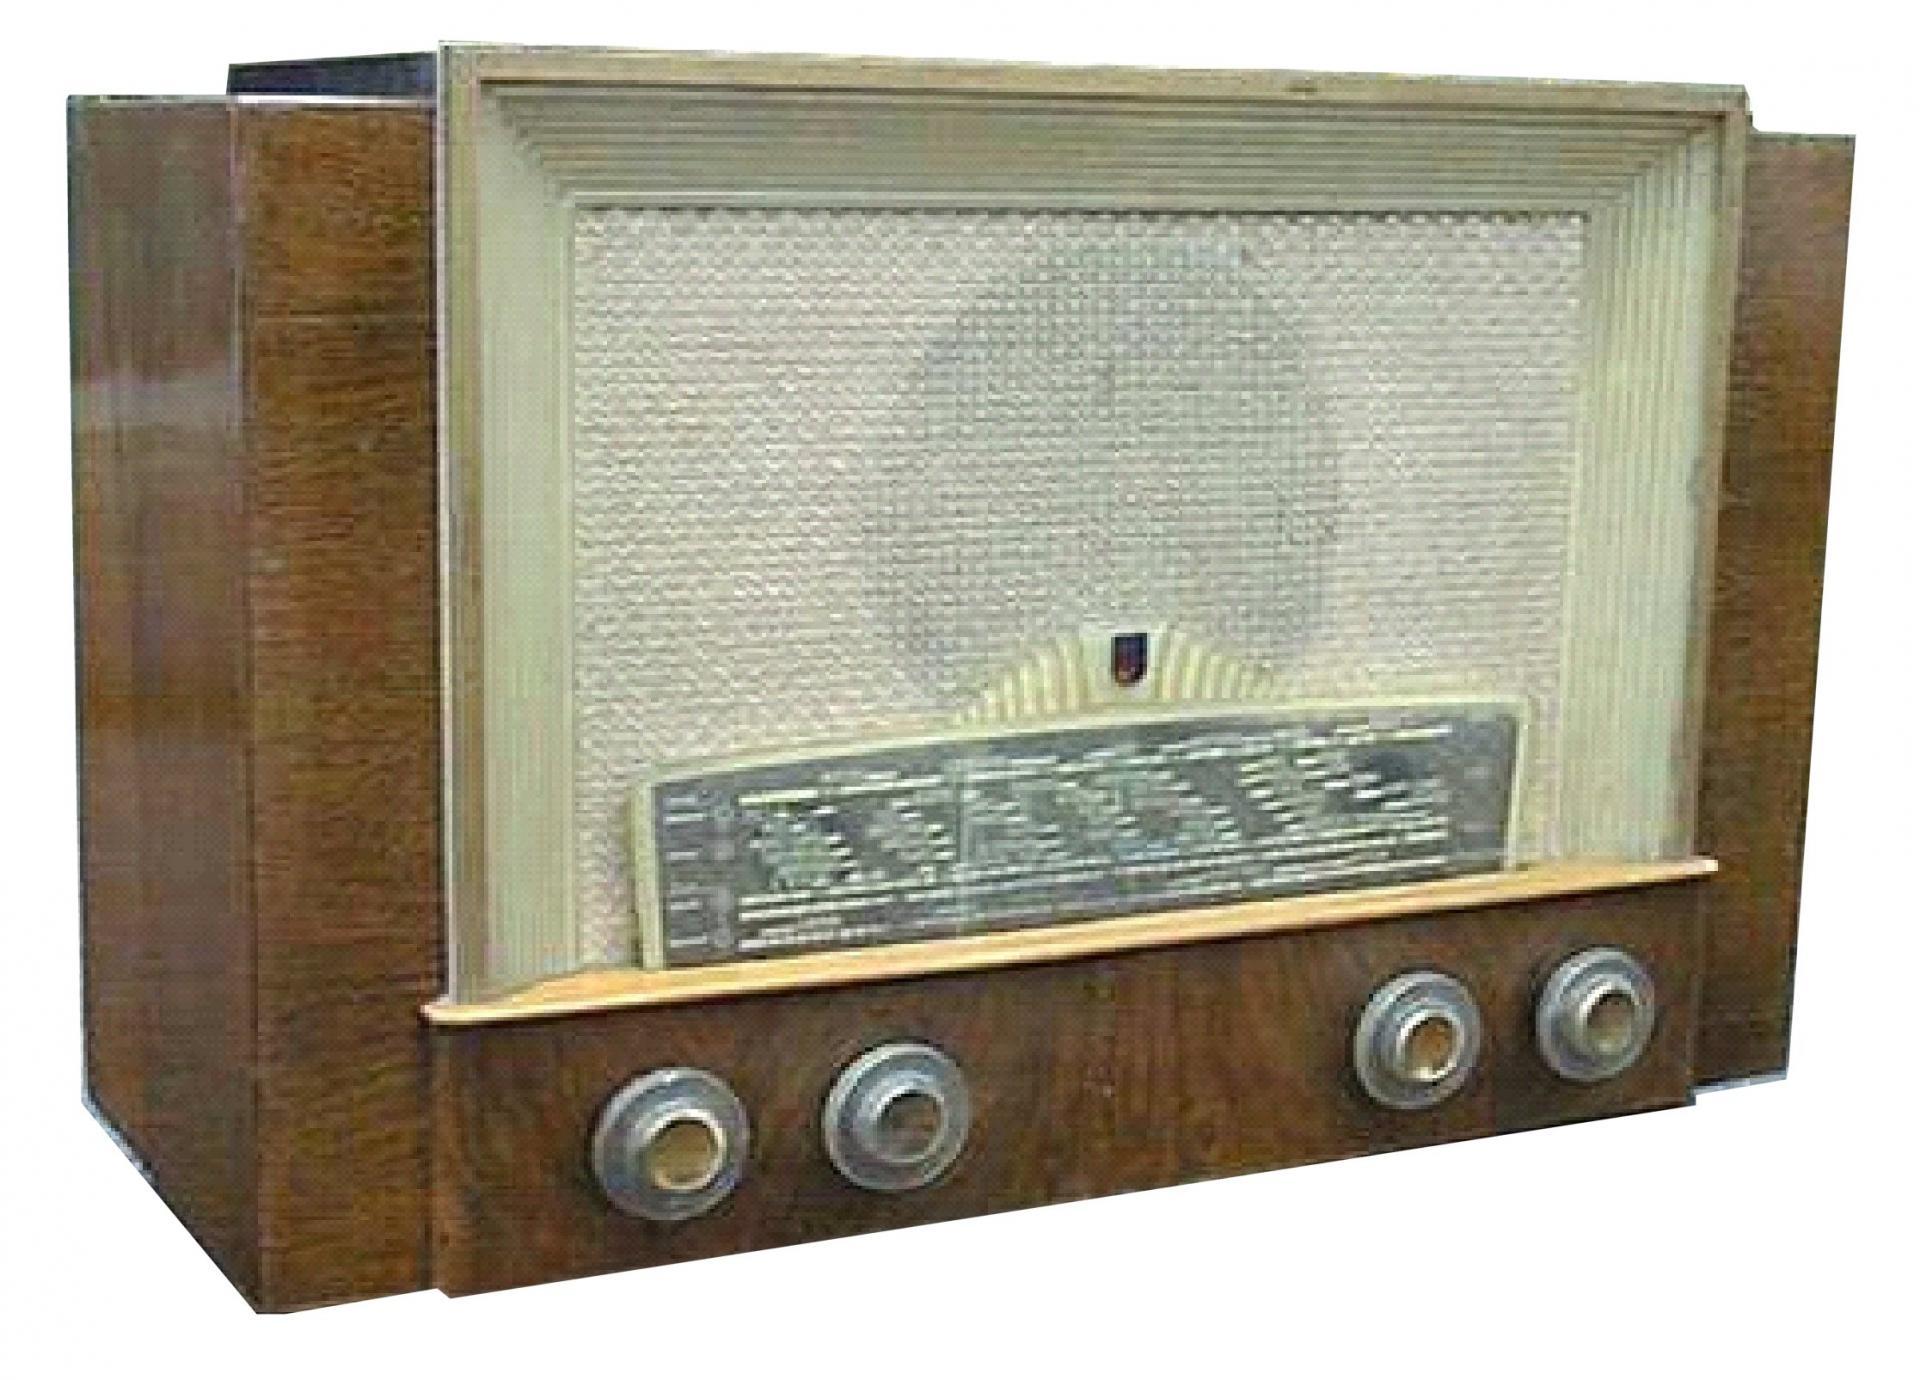 Philips BF 406A Capella